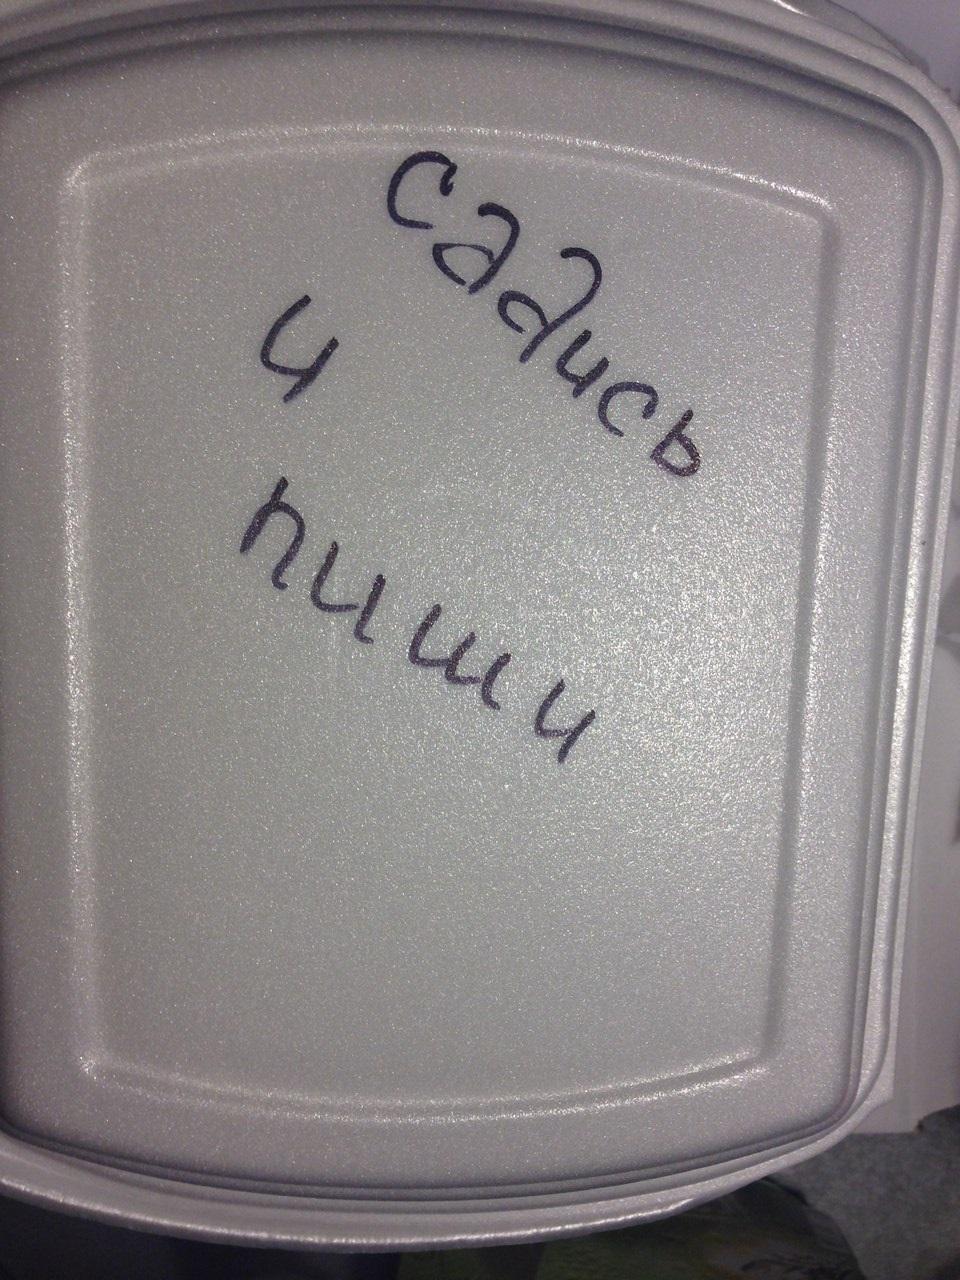 за сервис Просто из  10 10 за сервис Просто 10 из 10 суши заказ пицца